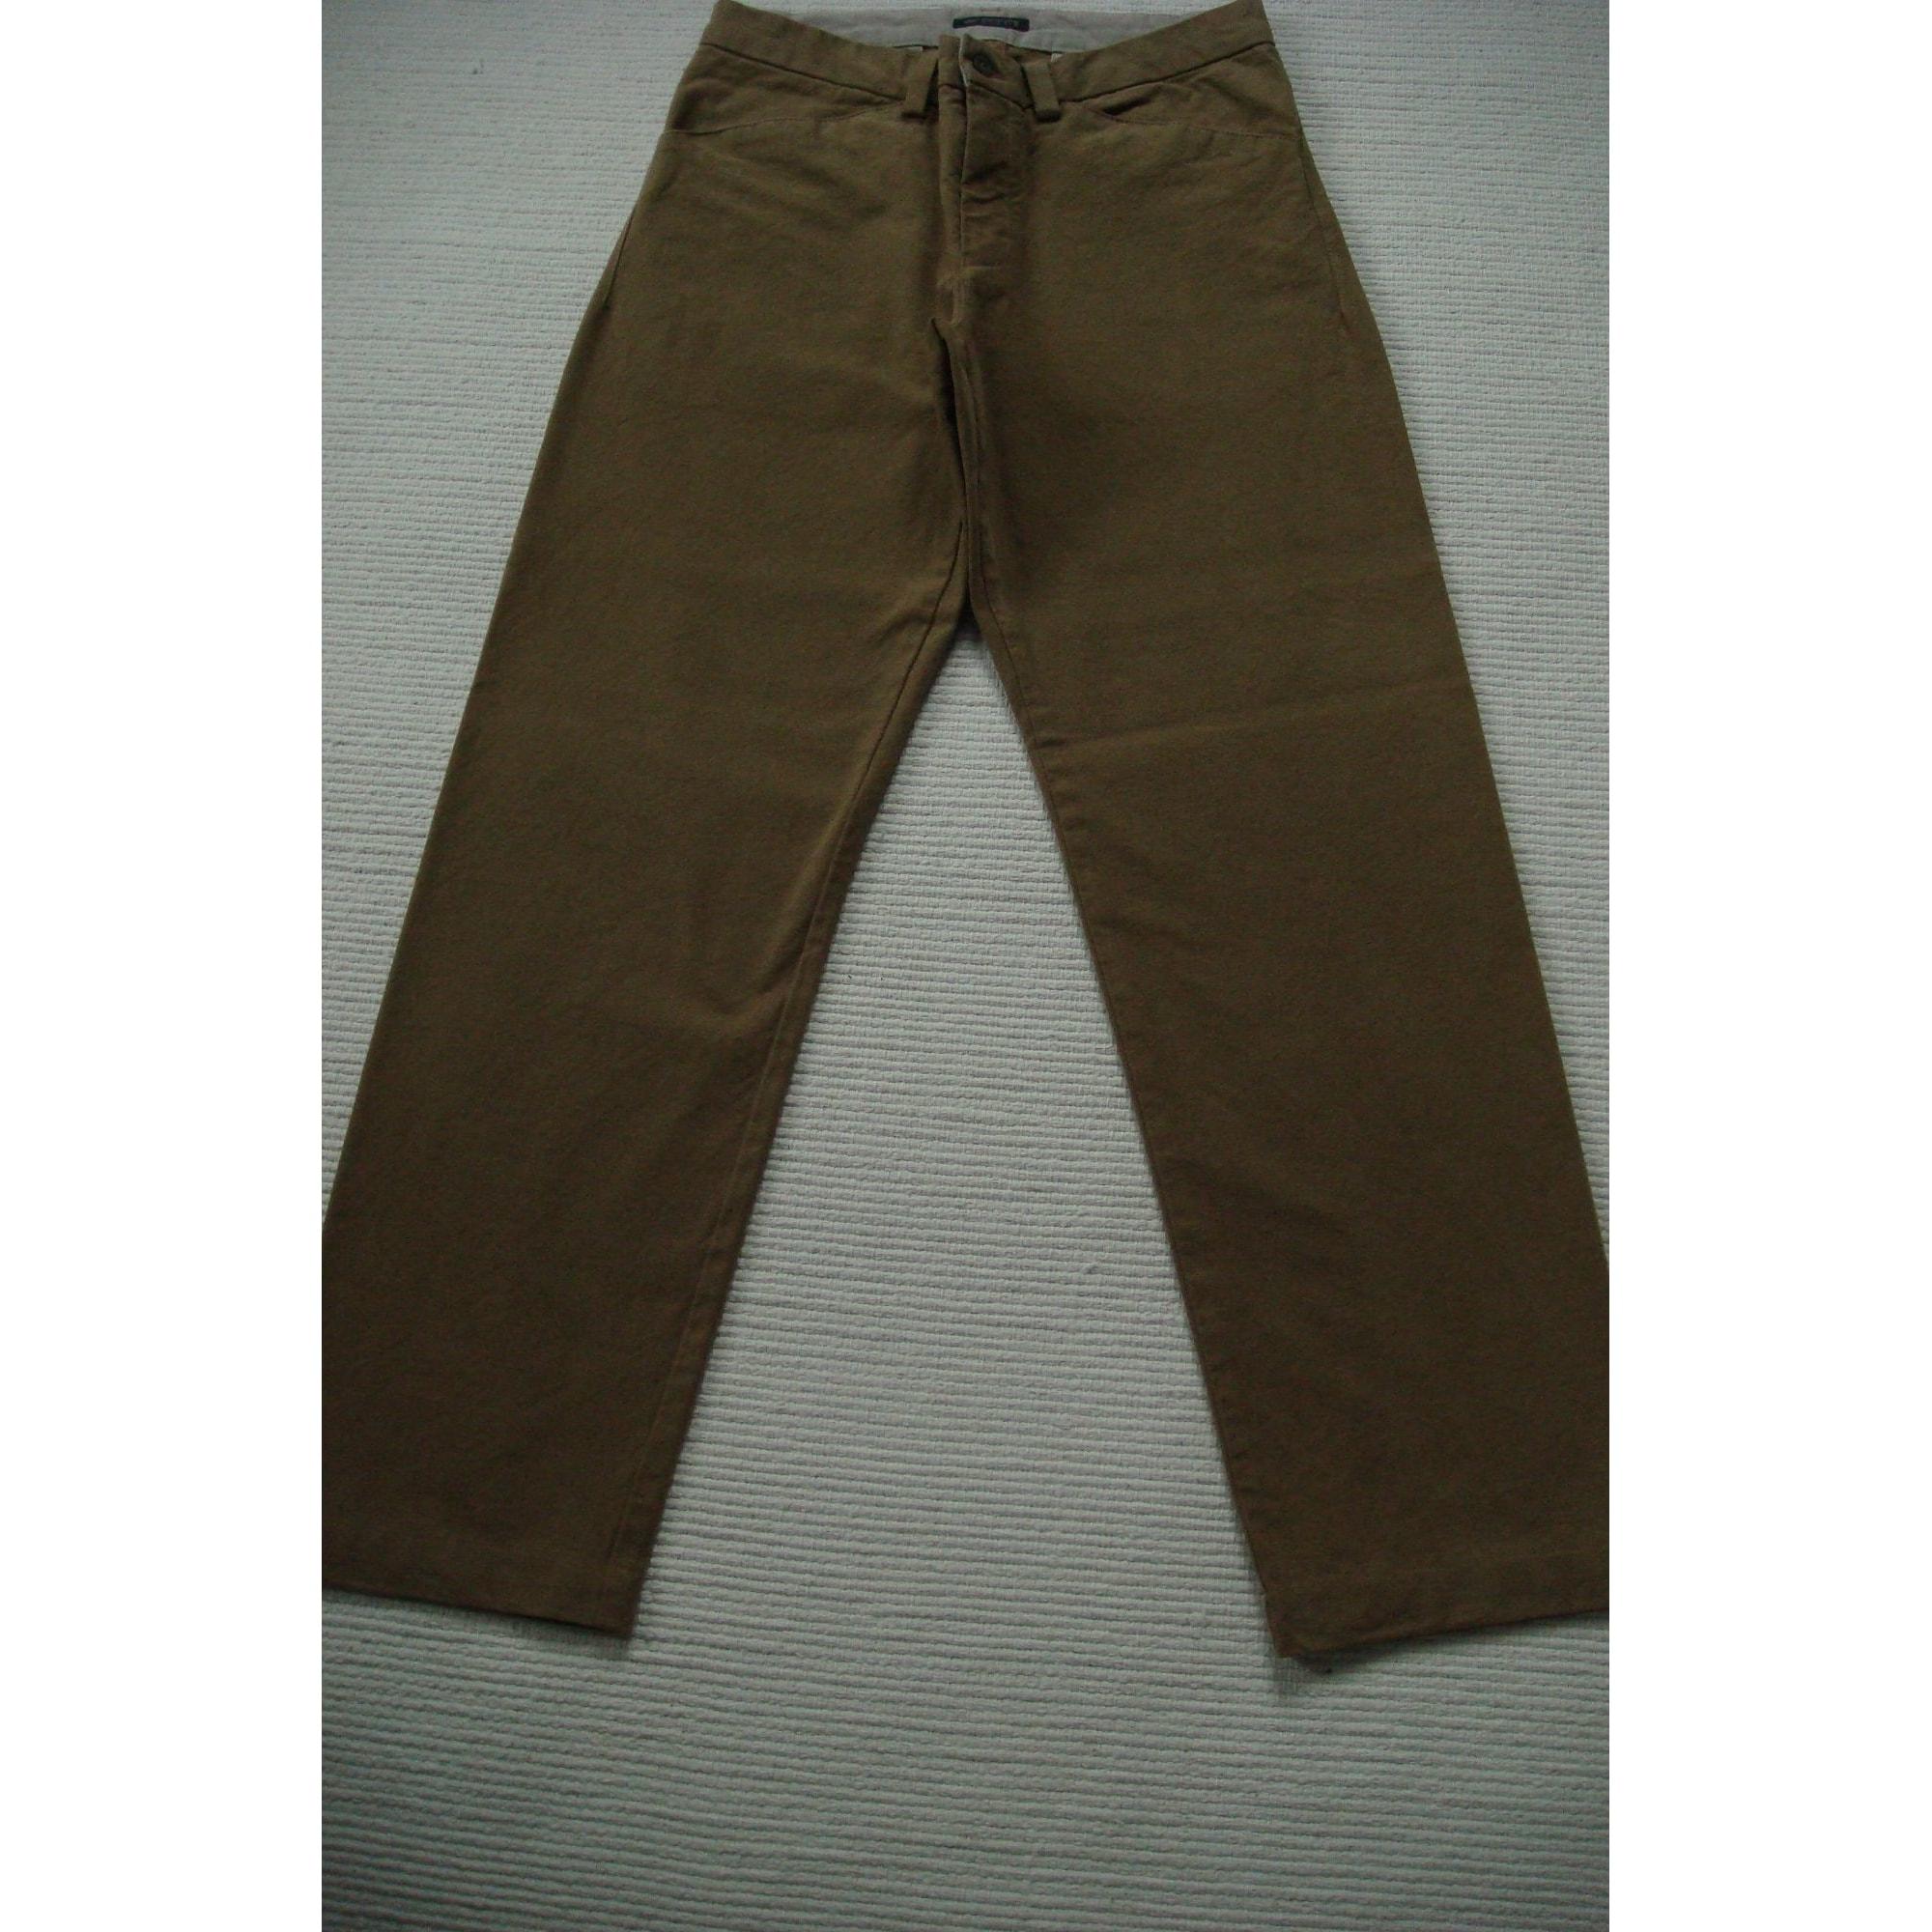 Wide Leg Pants DOCKERS Brown